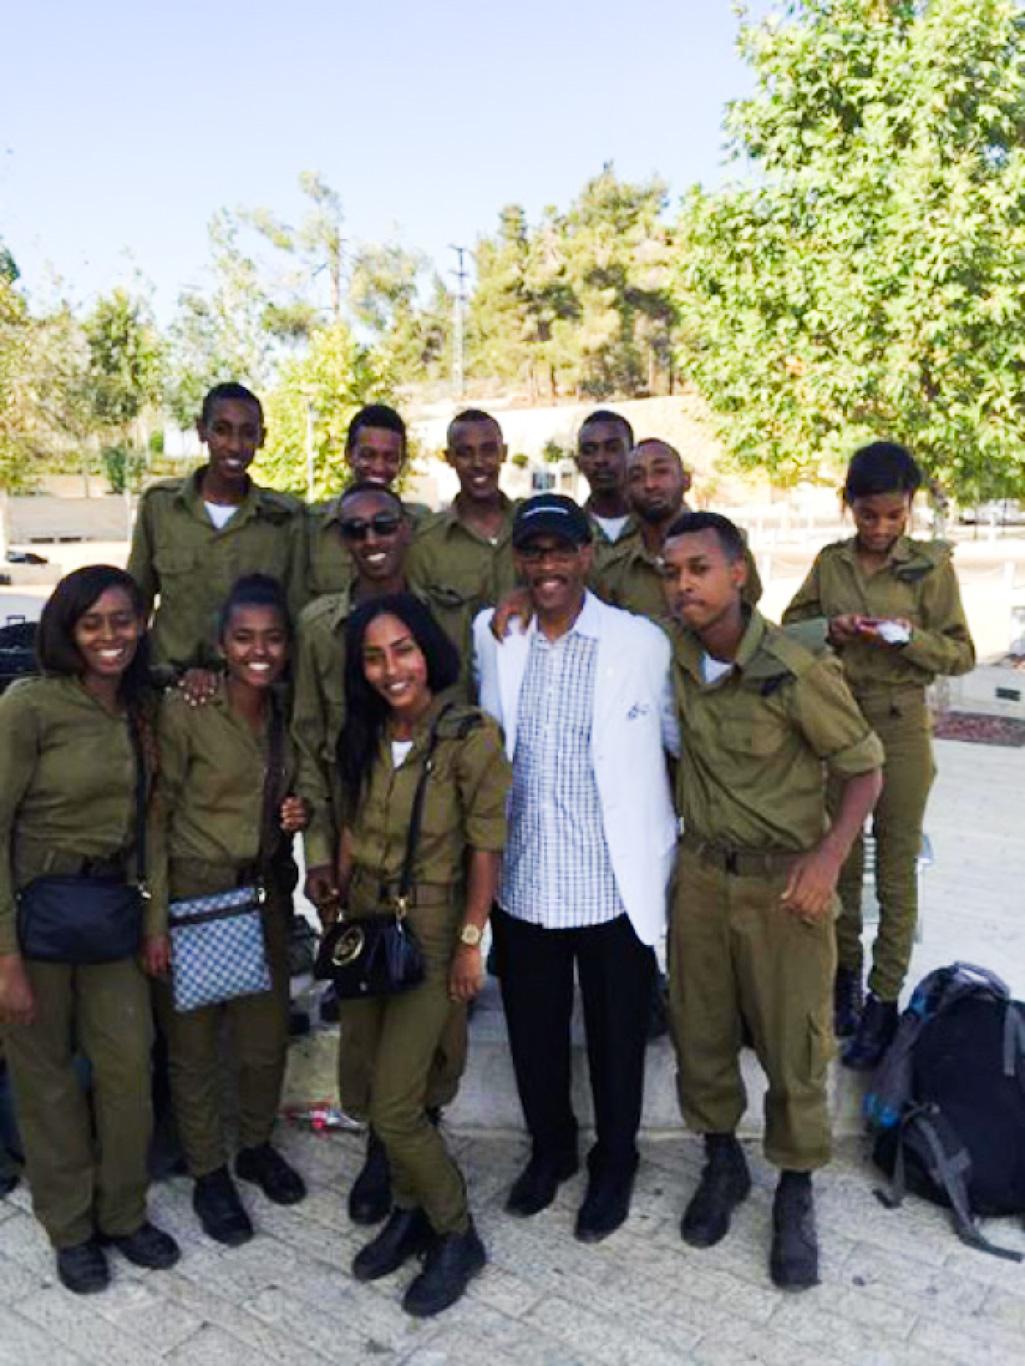 Plummers IDF